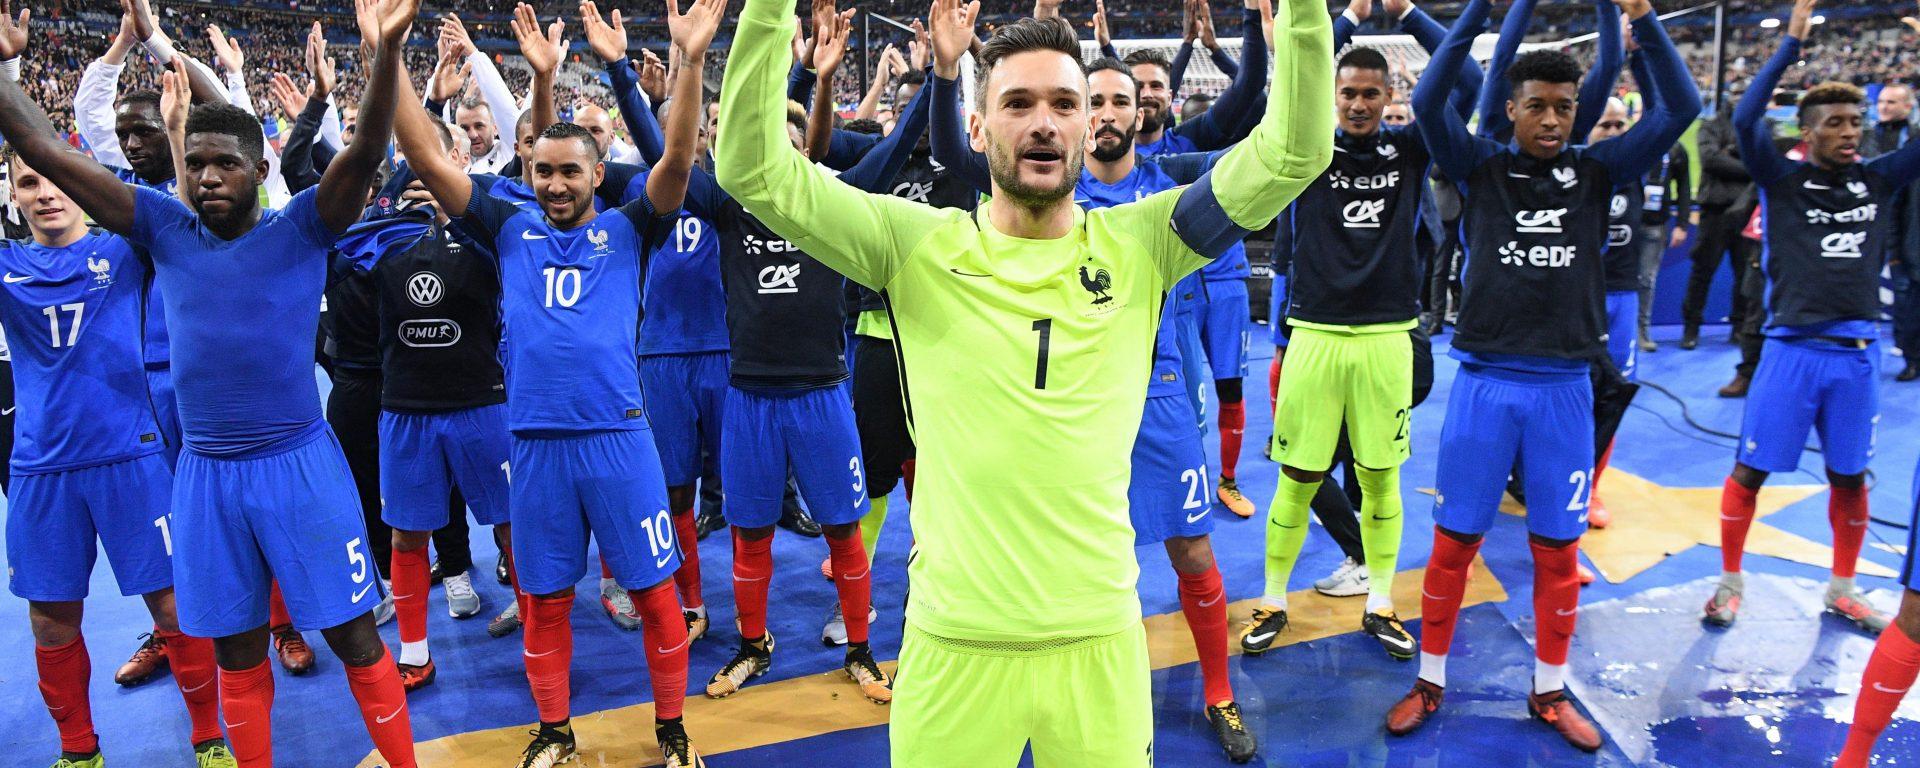 Coupe du monde de foot 2018 les quipes in et out les kopkids - Prochaine coupe du monde de foot 2018 ...